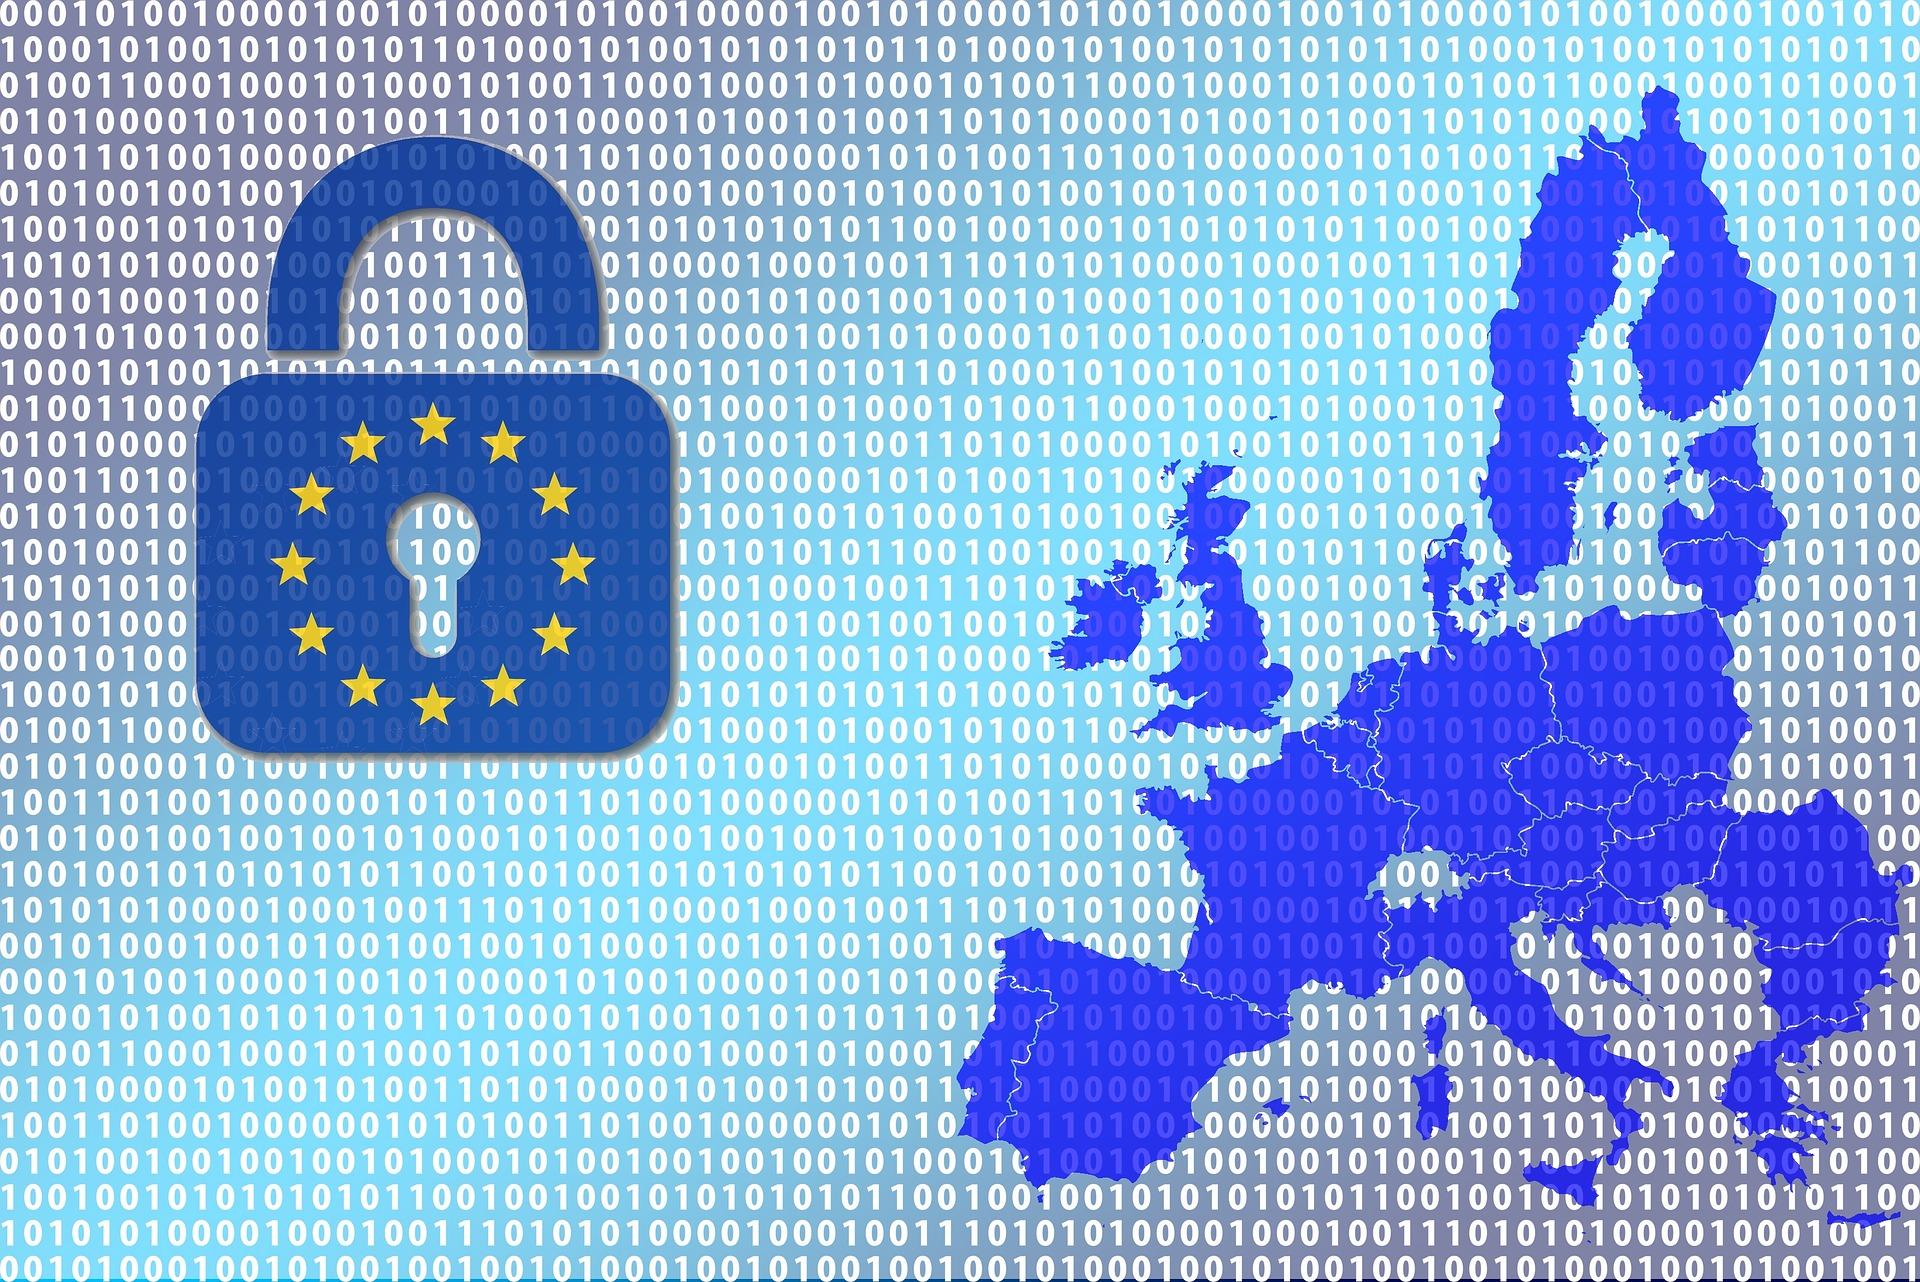 Autoriteit Persoonsgegevens heeft 3000 privacyklachten op de plank